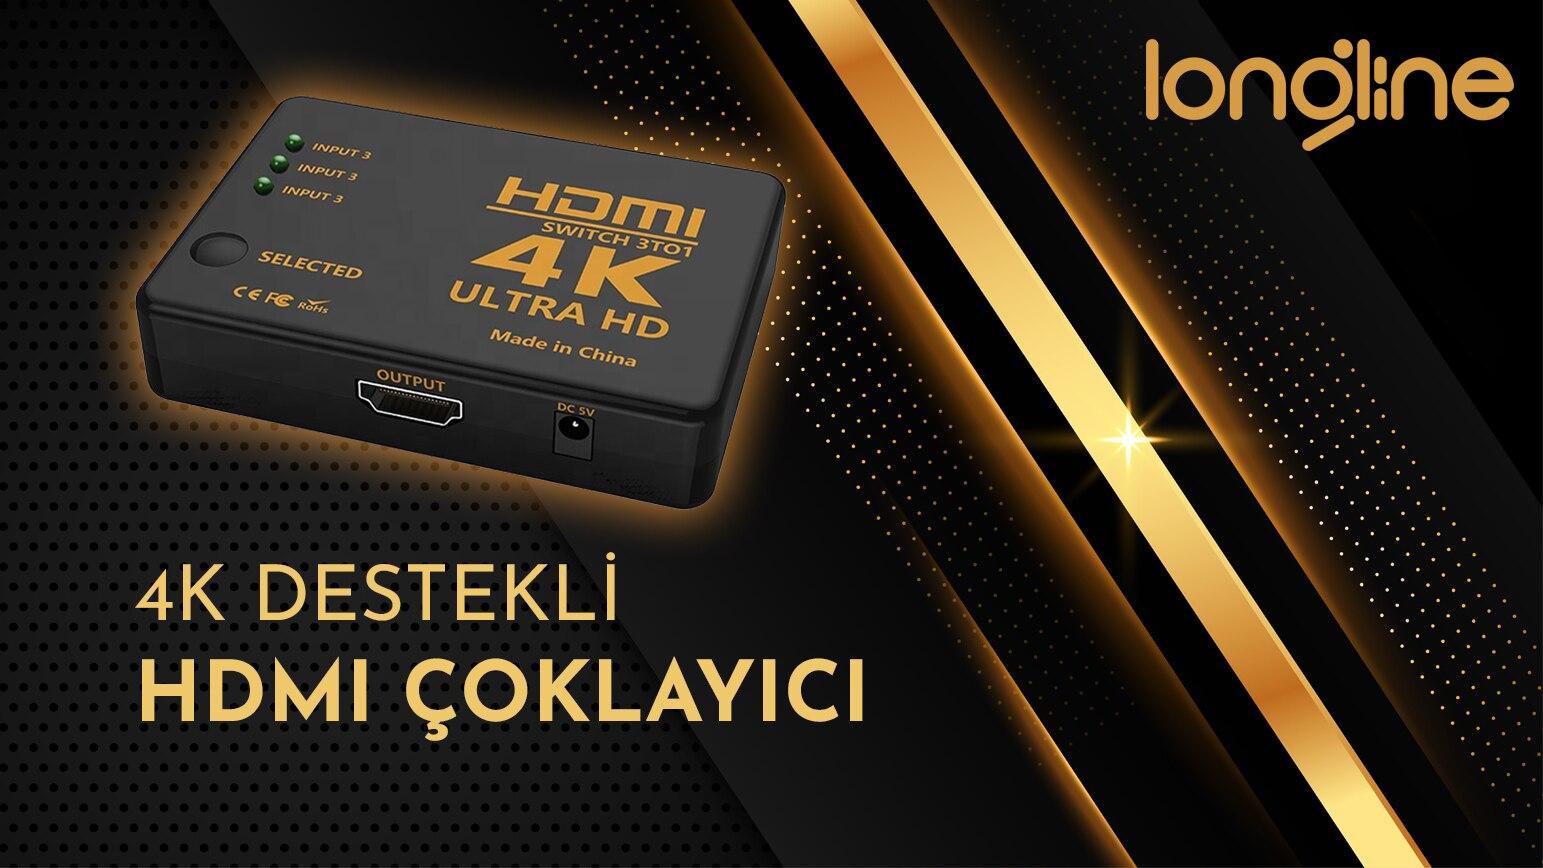 4K HDMI ÇOKLAYACI